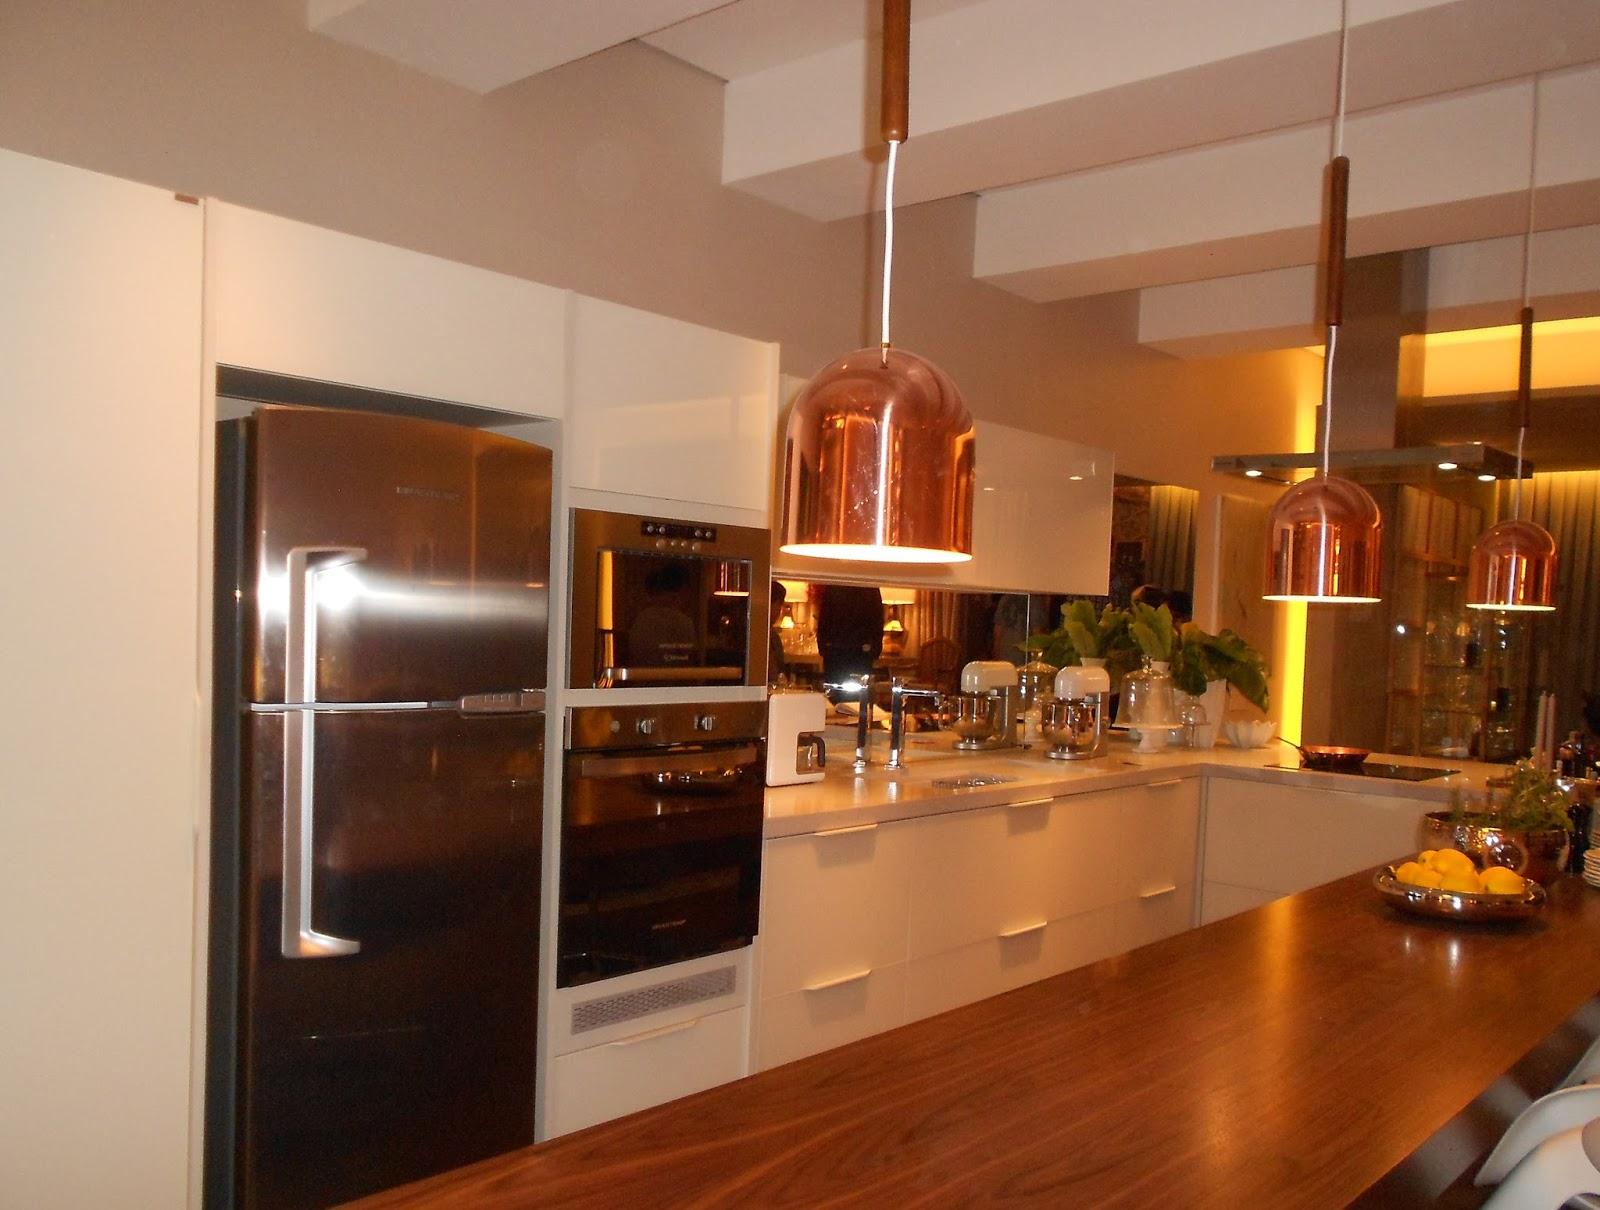 Marina Ribeirão Preto: Design na cozinha: rodabanca diferente #C79004 1600 1210